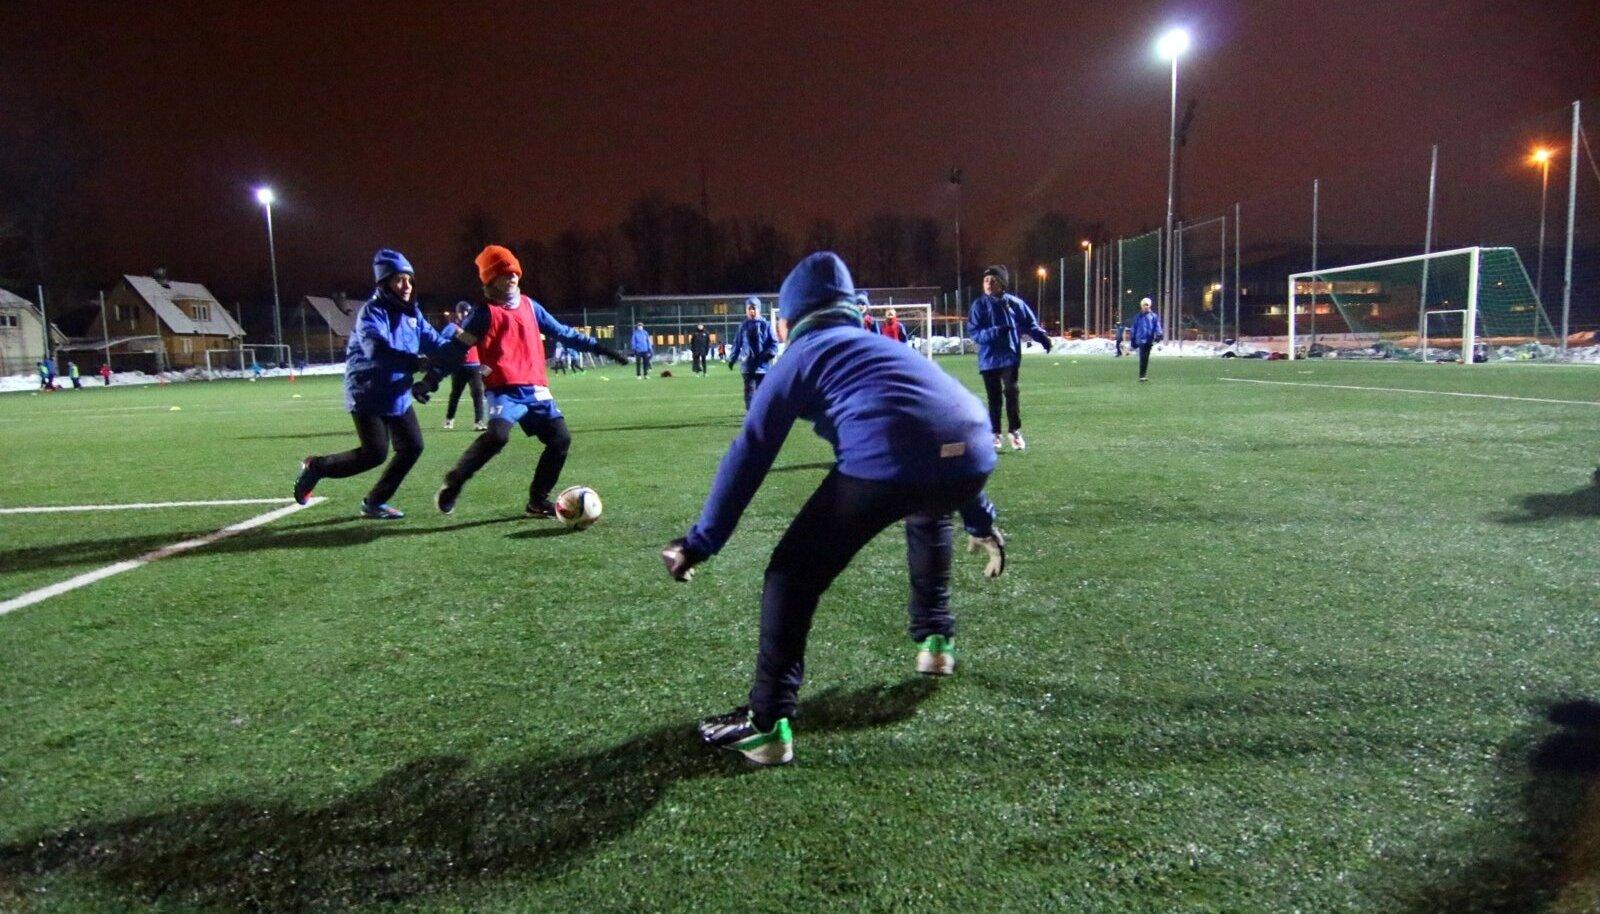 Tammeka jalgpallikool püüab treeningutel tekitada olukorra, kus laps elab hetkes ja keskendub käsilolevale mängule, mitte päeva lõpus ootavale karikale.